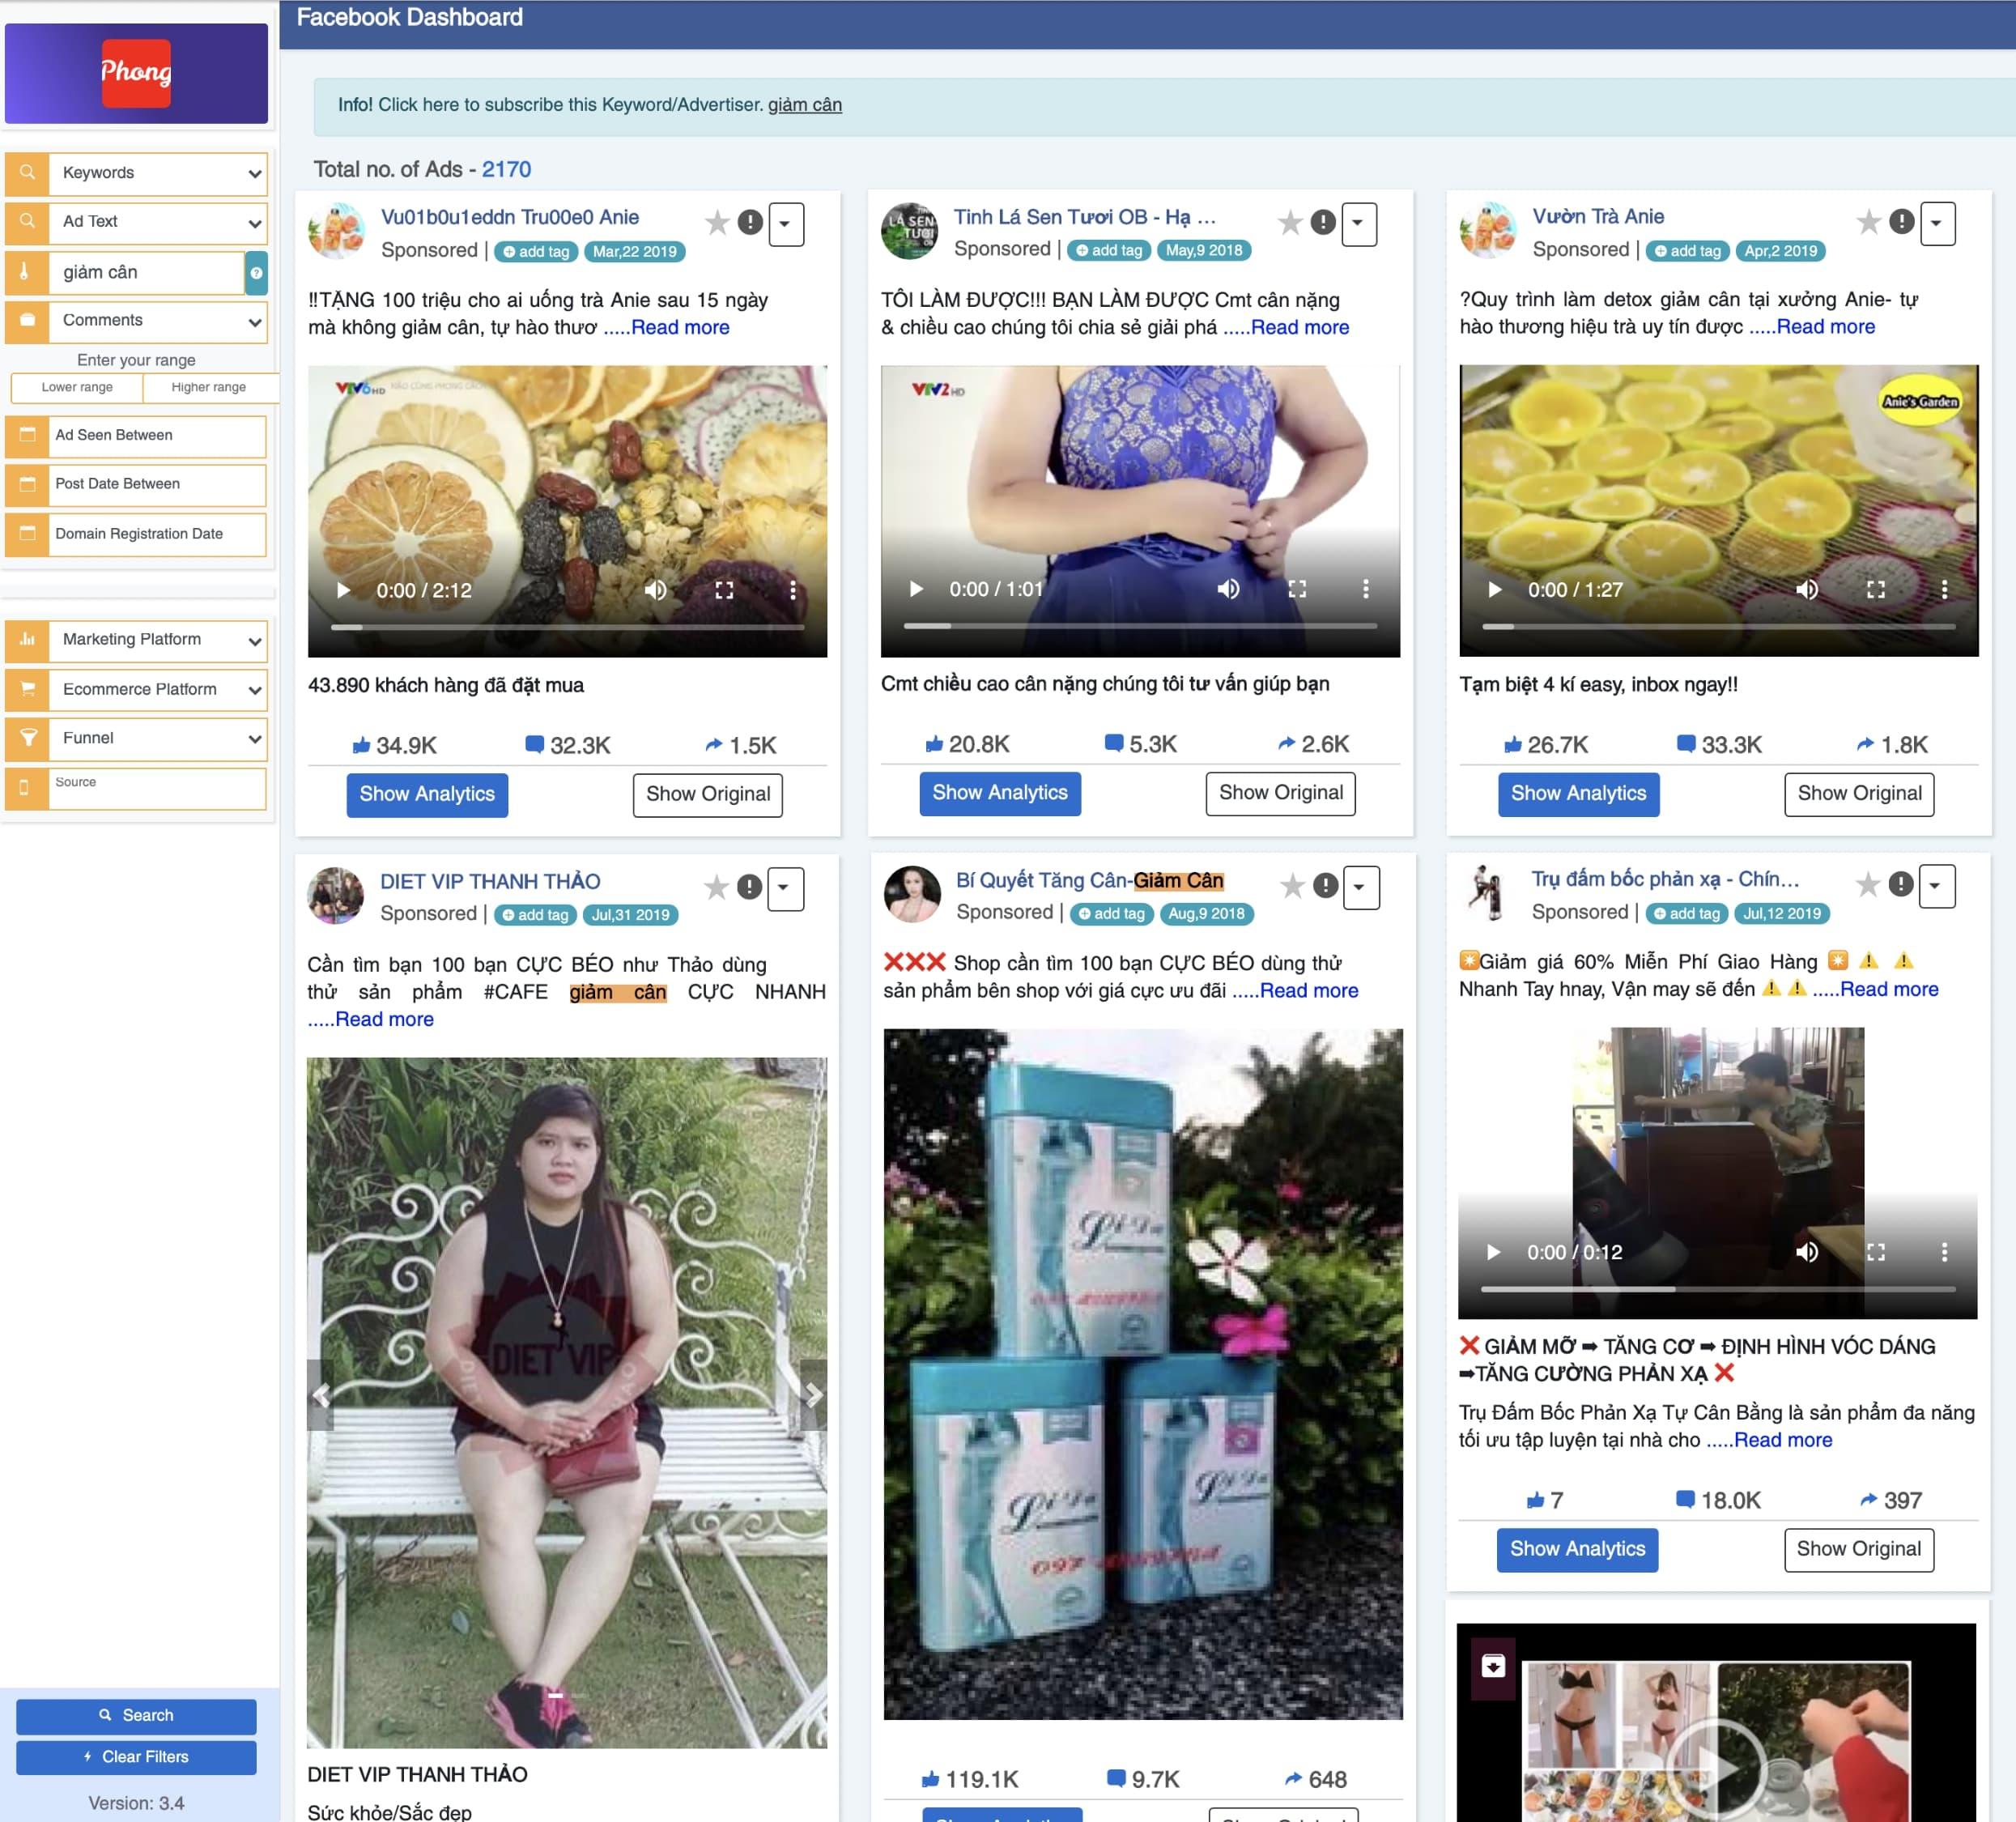 tim bai quang cao facebook